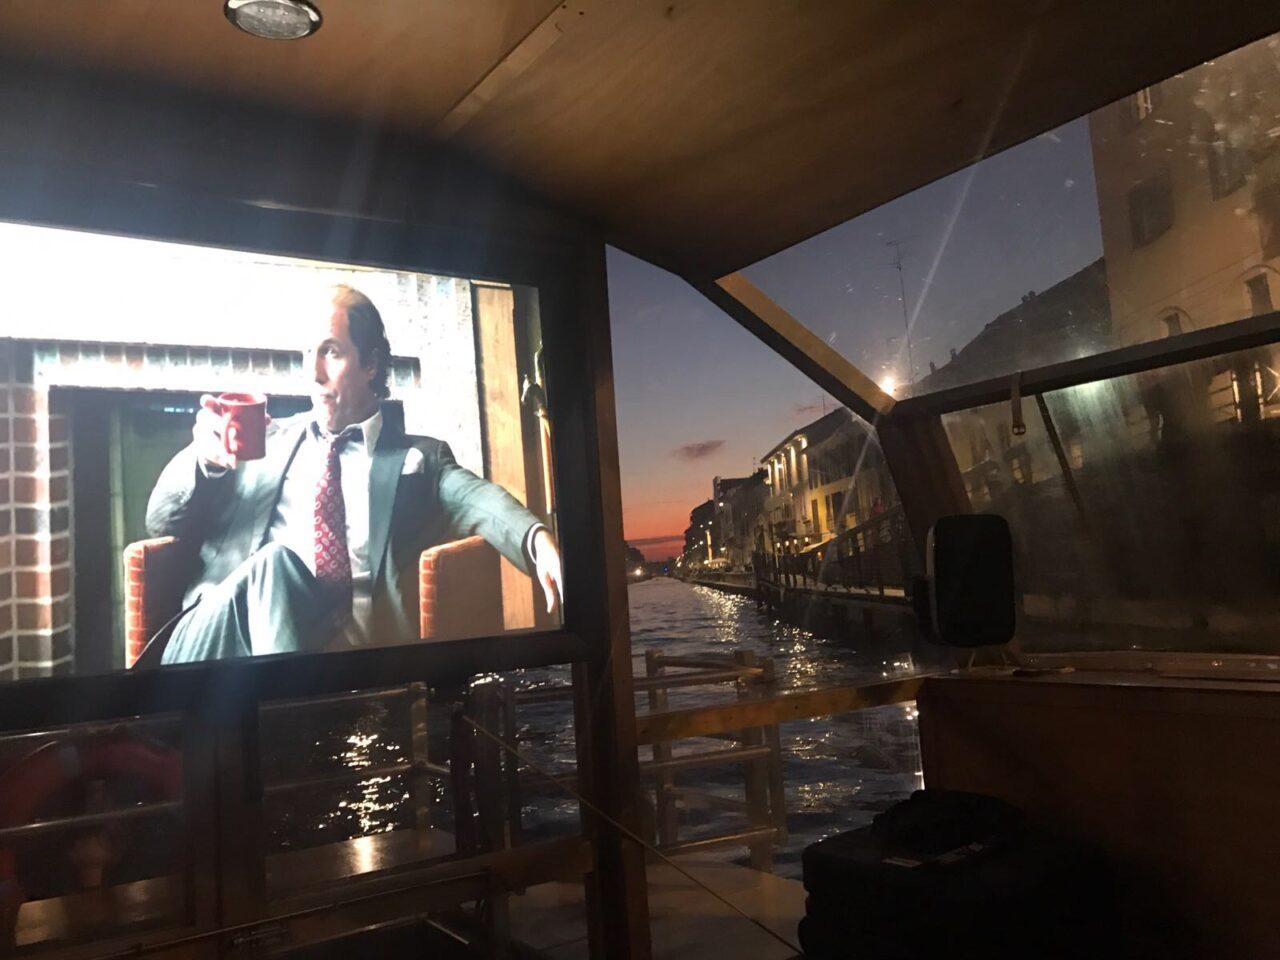 Fino al 31 dicembre continua Cinema Bianchini sul Battello, a cinema ... navigando!